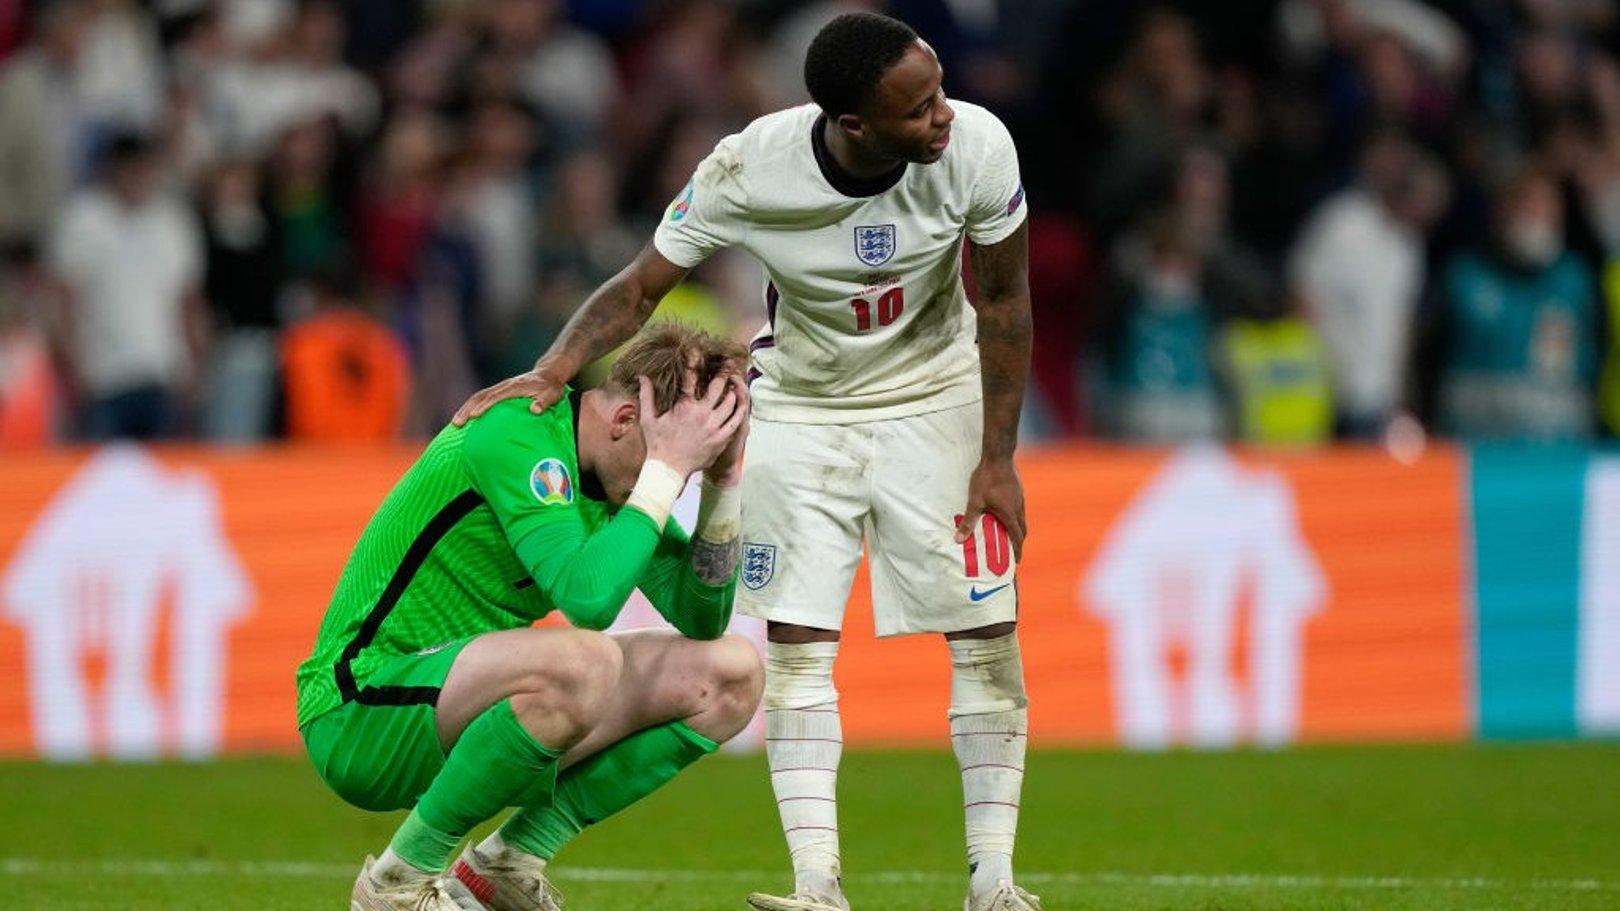 유로 2020 결승전 승부차기에서 쓰라린 패배를 당한 잉글랜드와 CITY 트리오